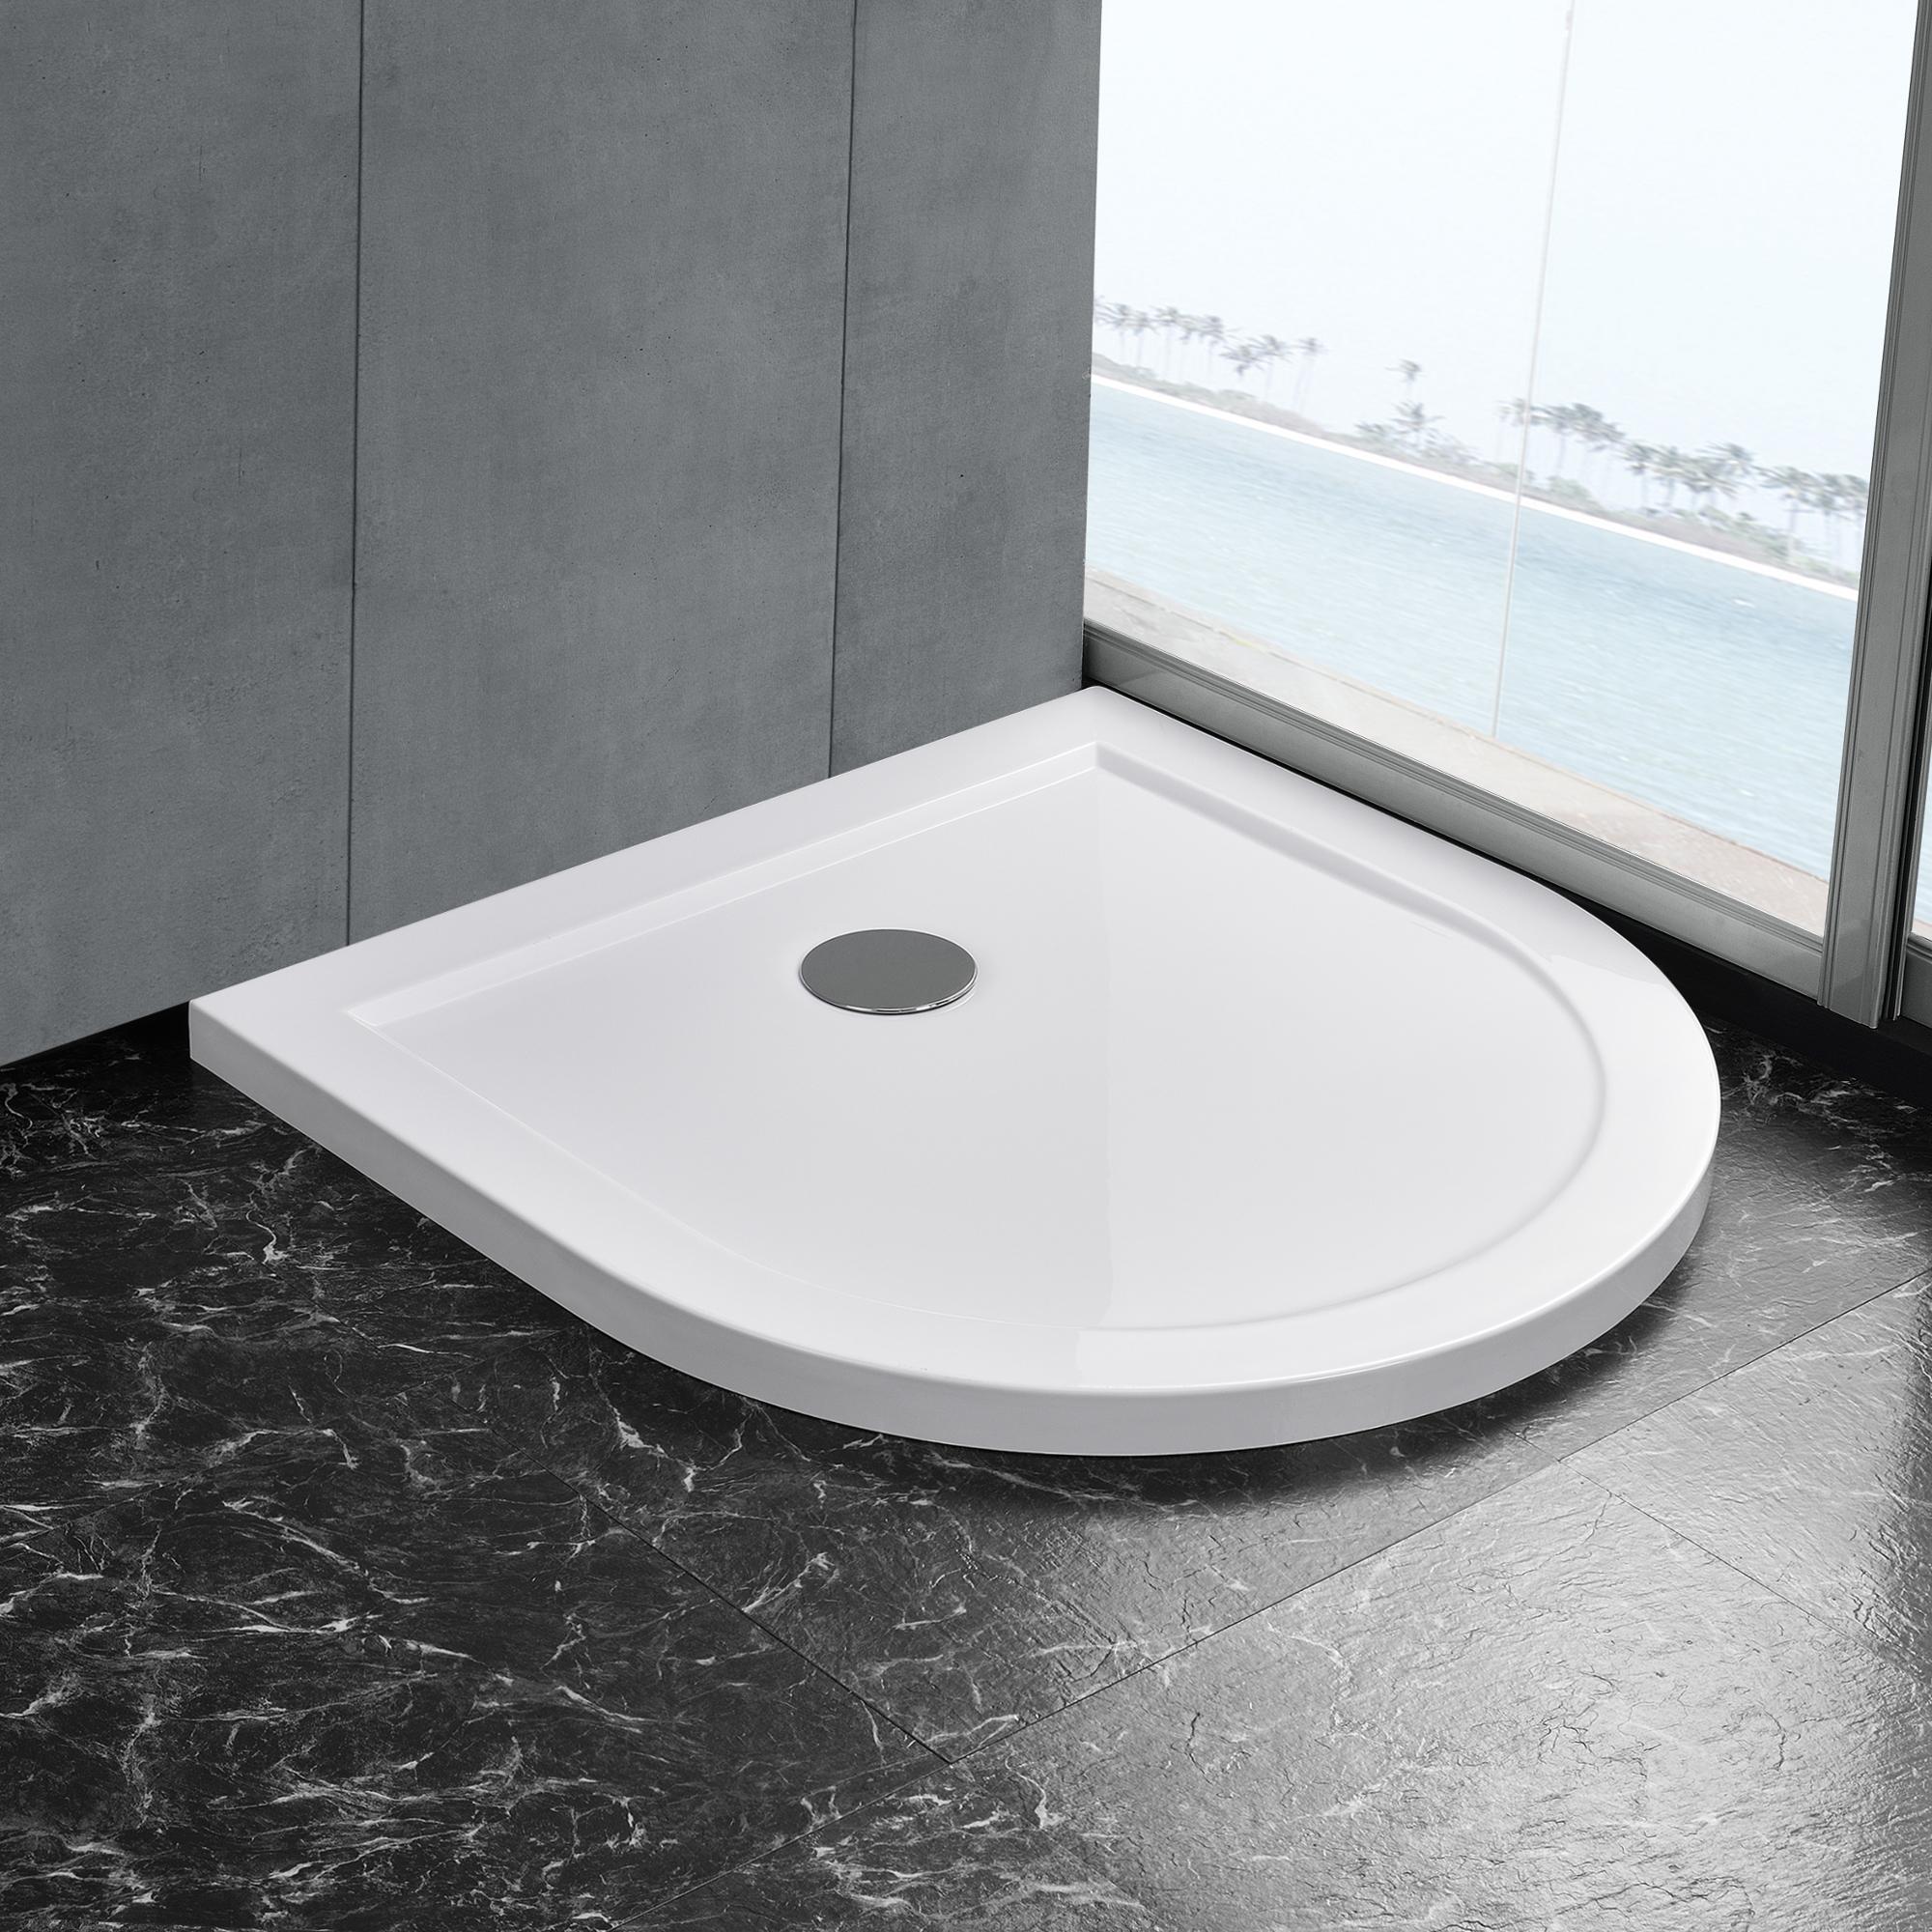 maison bac de douche blanc pur receveur de douche extra plat bain qudrat ebay. Black Bedroom Furniture Sets. Home Design Ideas